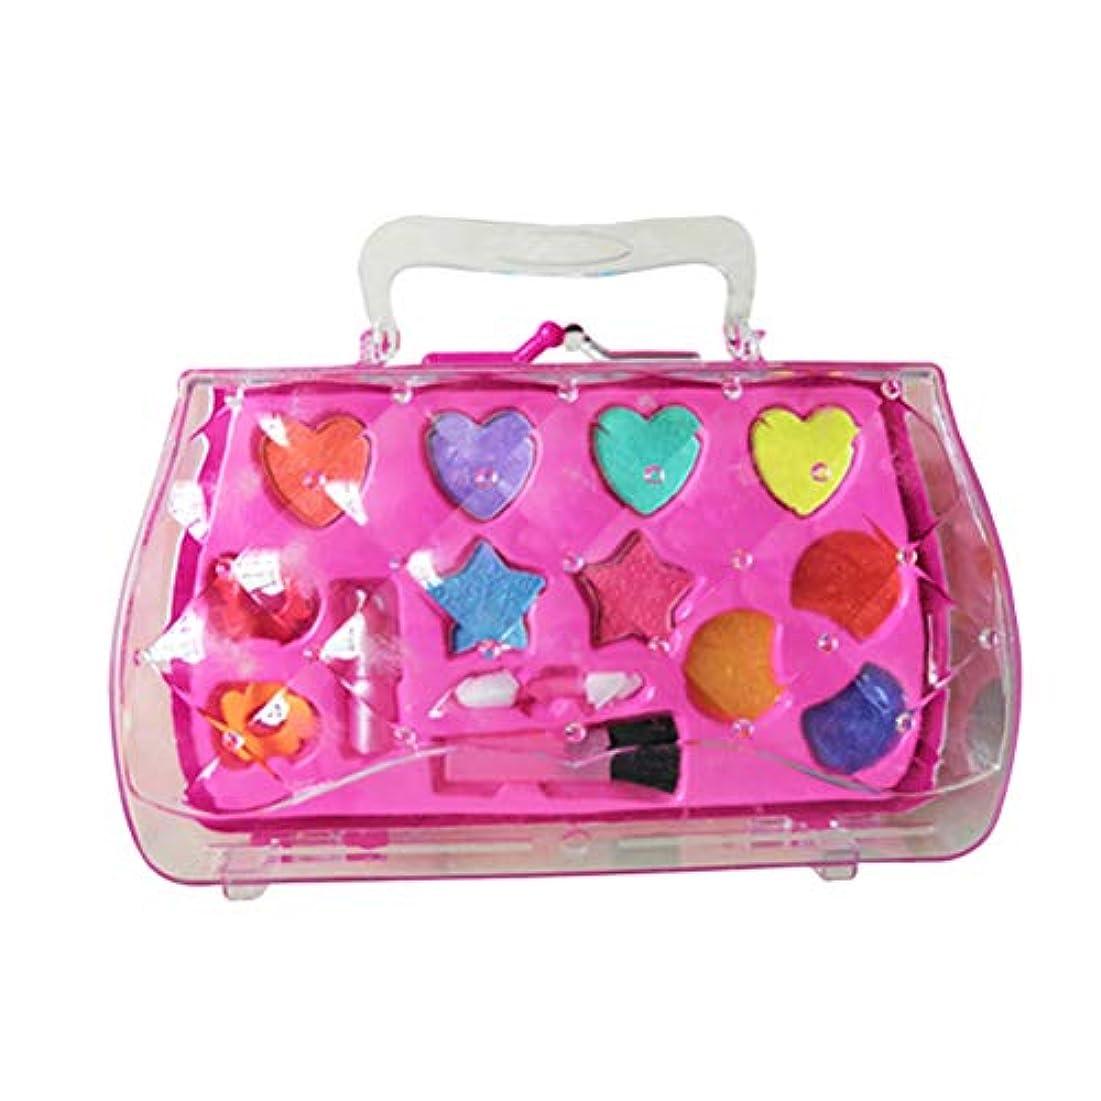 カナダ調子請うToyvian 女の子はおもちゃのセットを作る化粧品キットの口紅アイシャドーブラシ子供のためのおもちゃを作る女の子(ピンク)